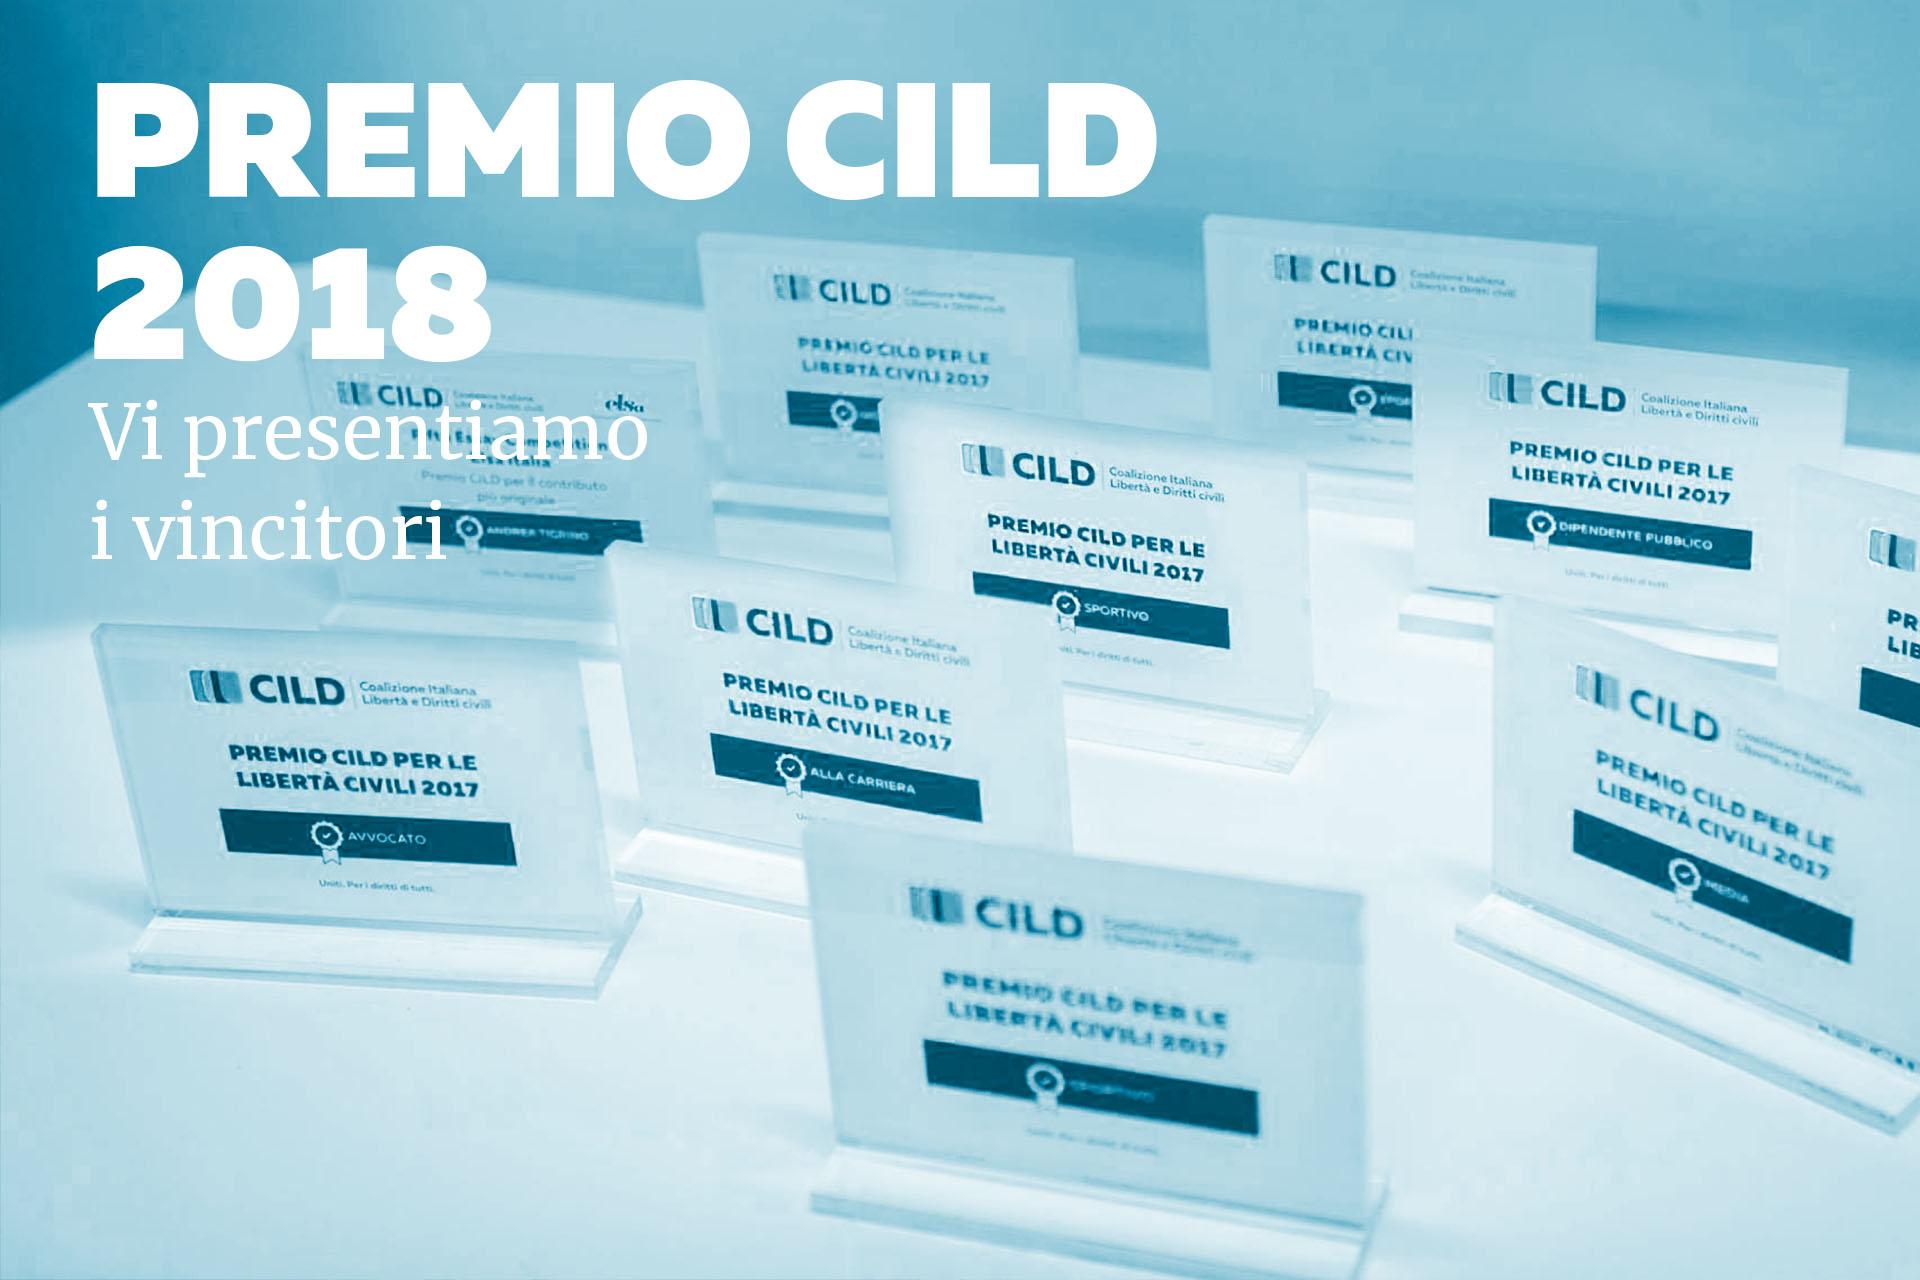 Premio CILD per le libertà civili. Ecco i vincitori dell'edizione 2018